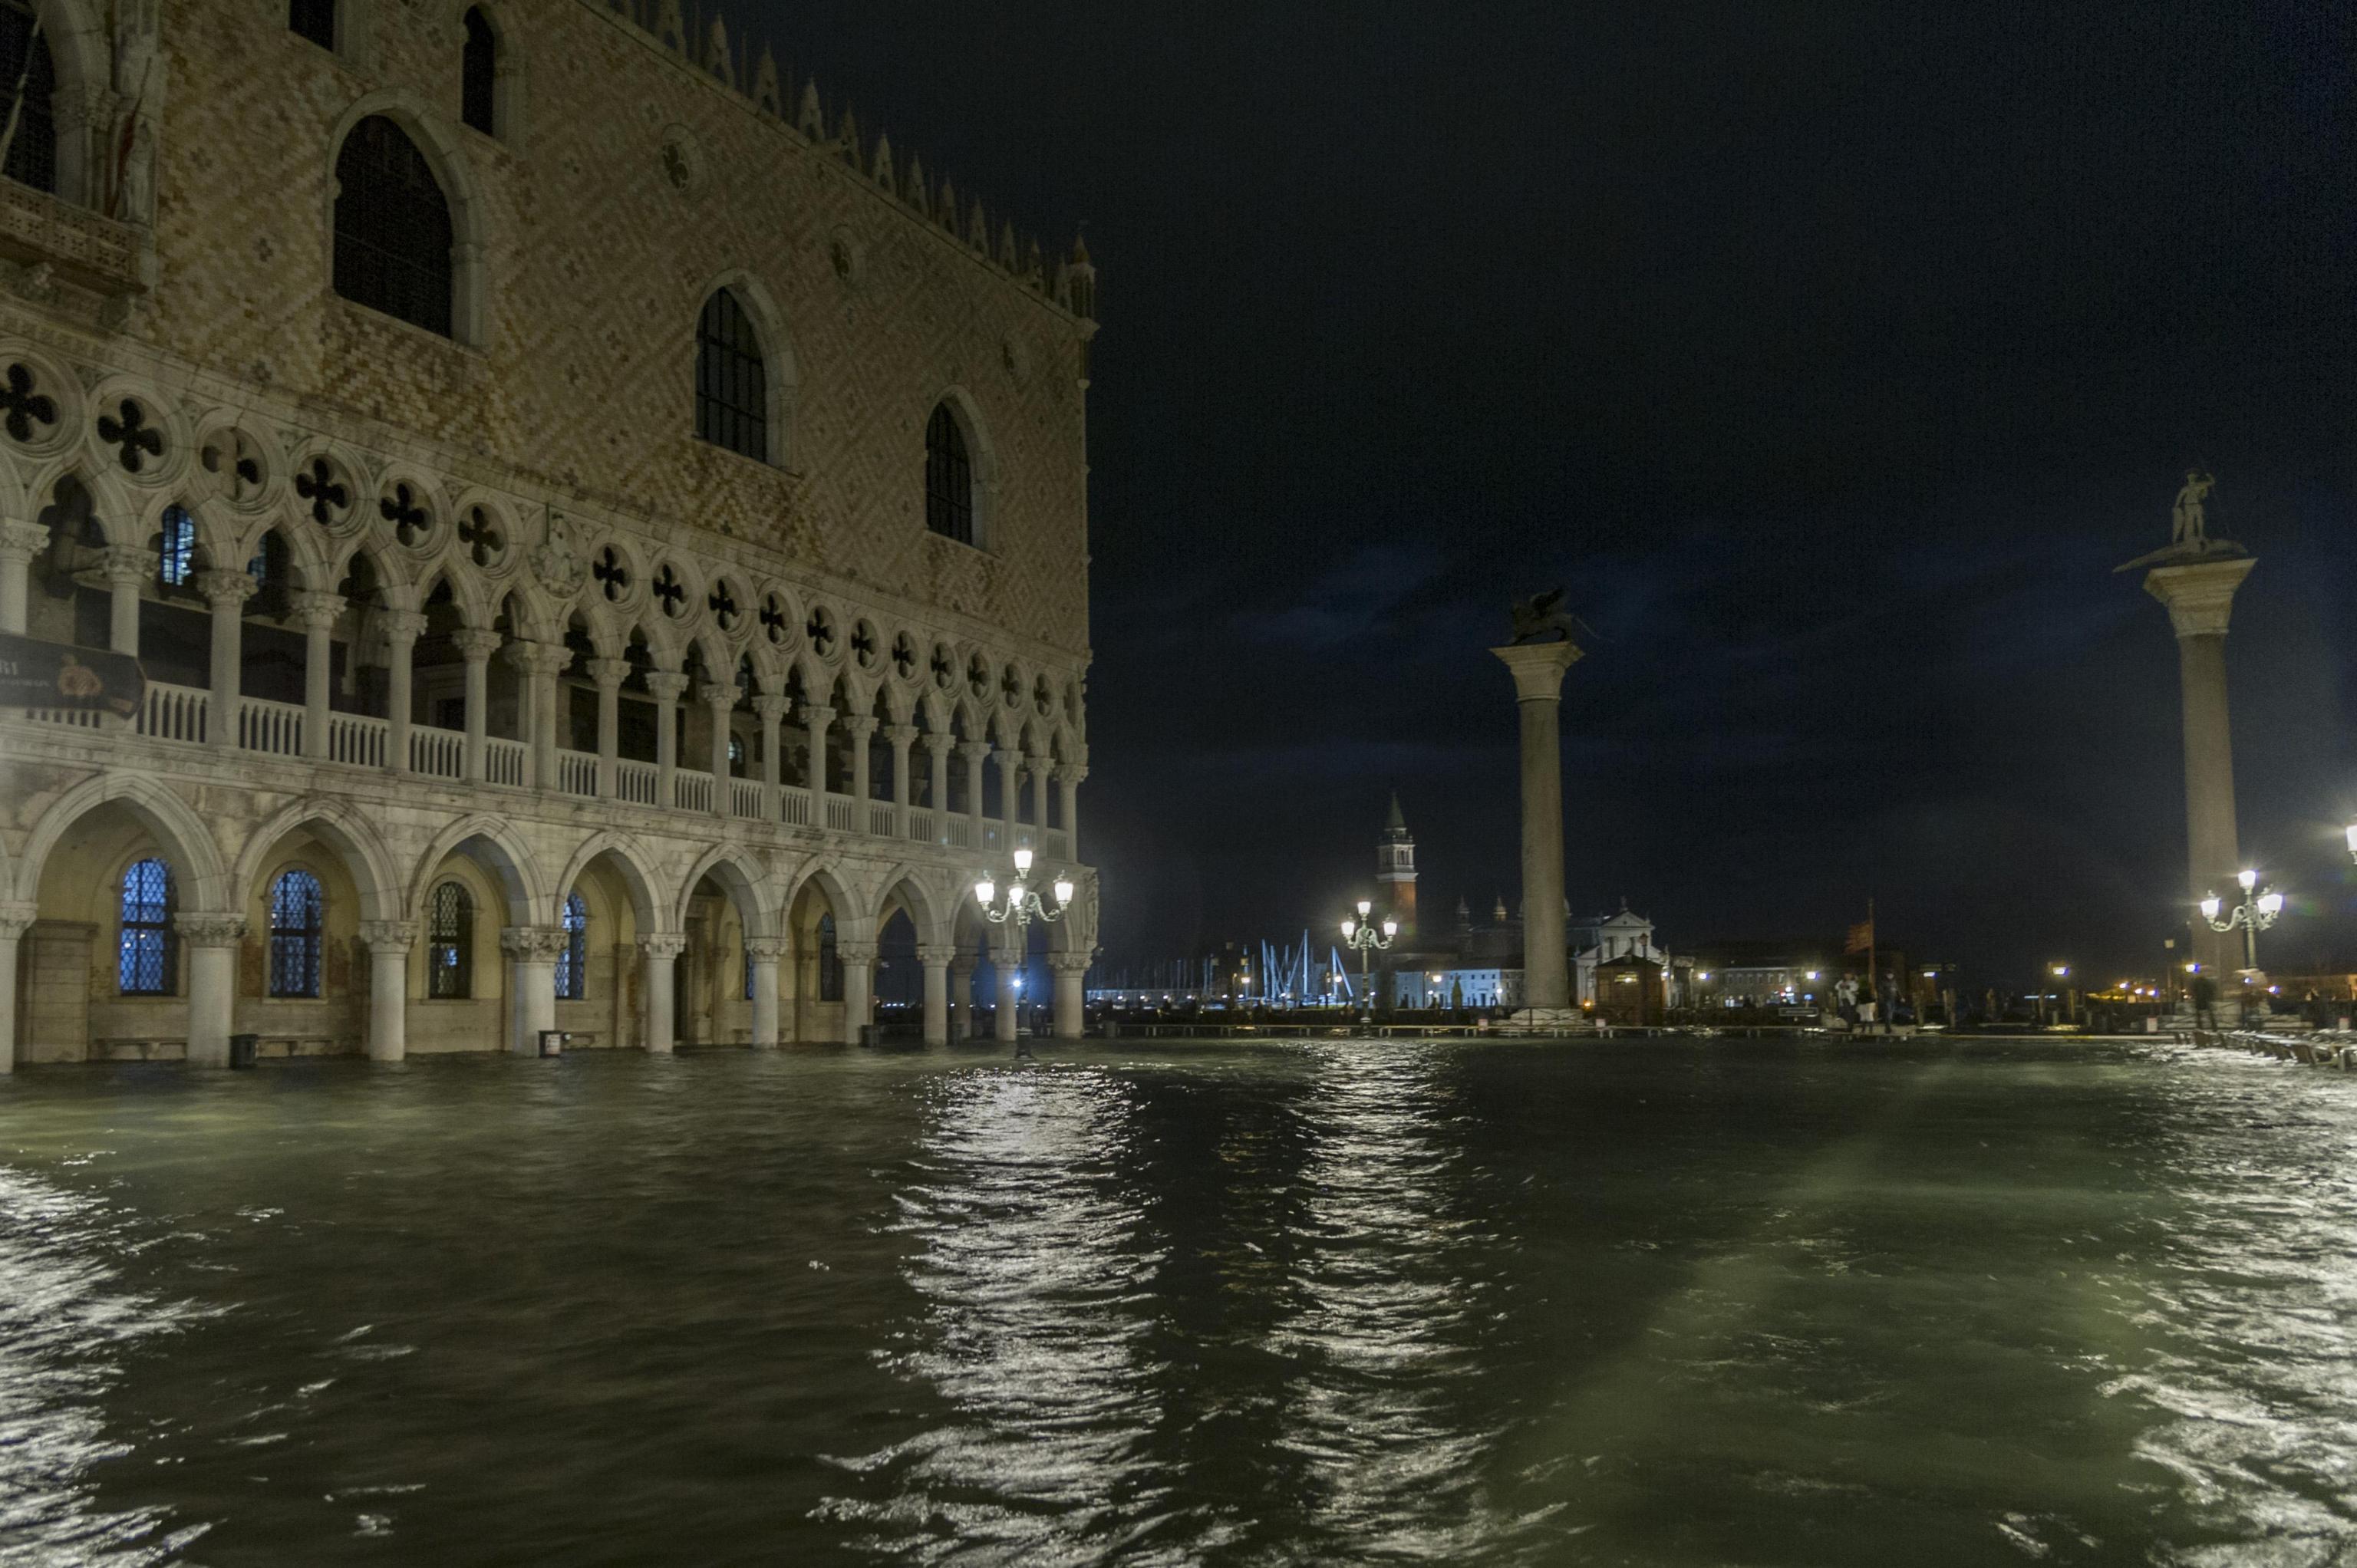 Maltempo: acqua alta a Venezia, 102 cm